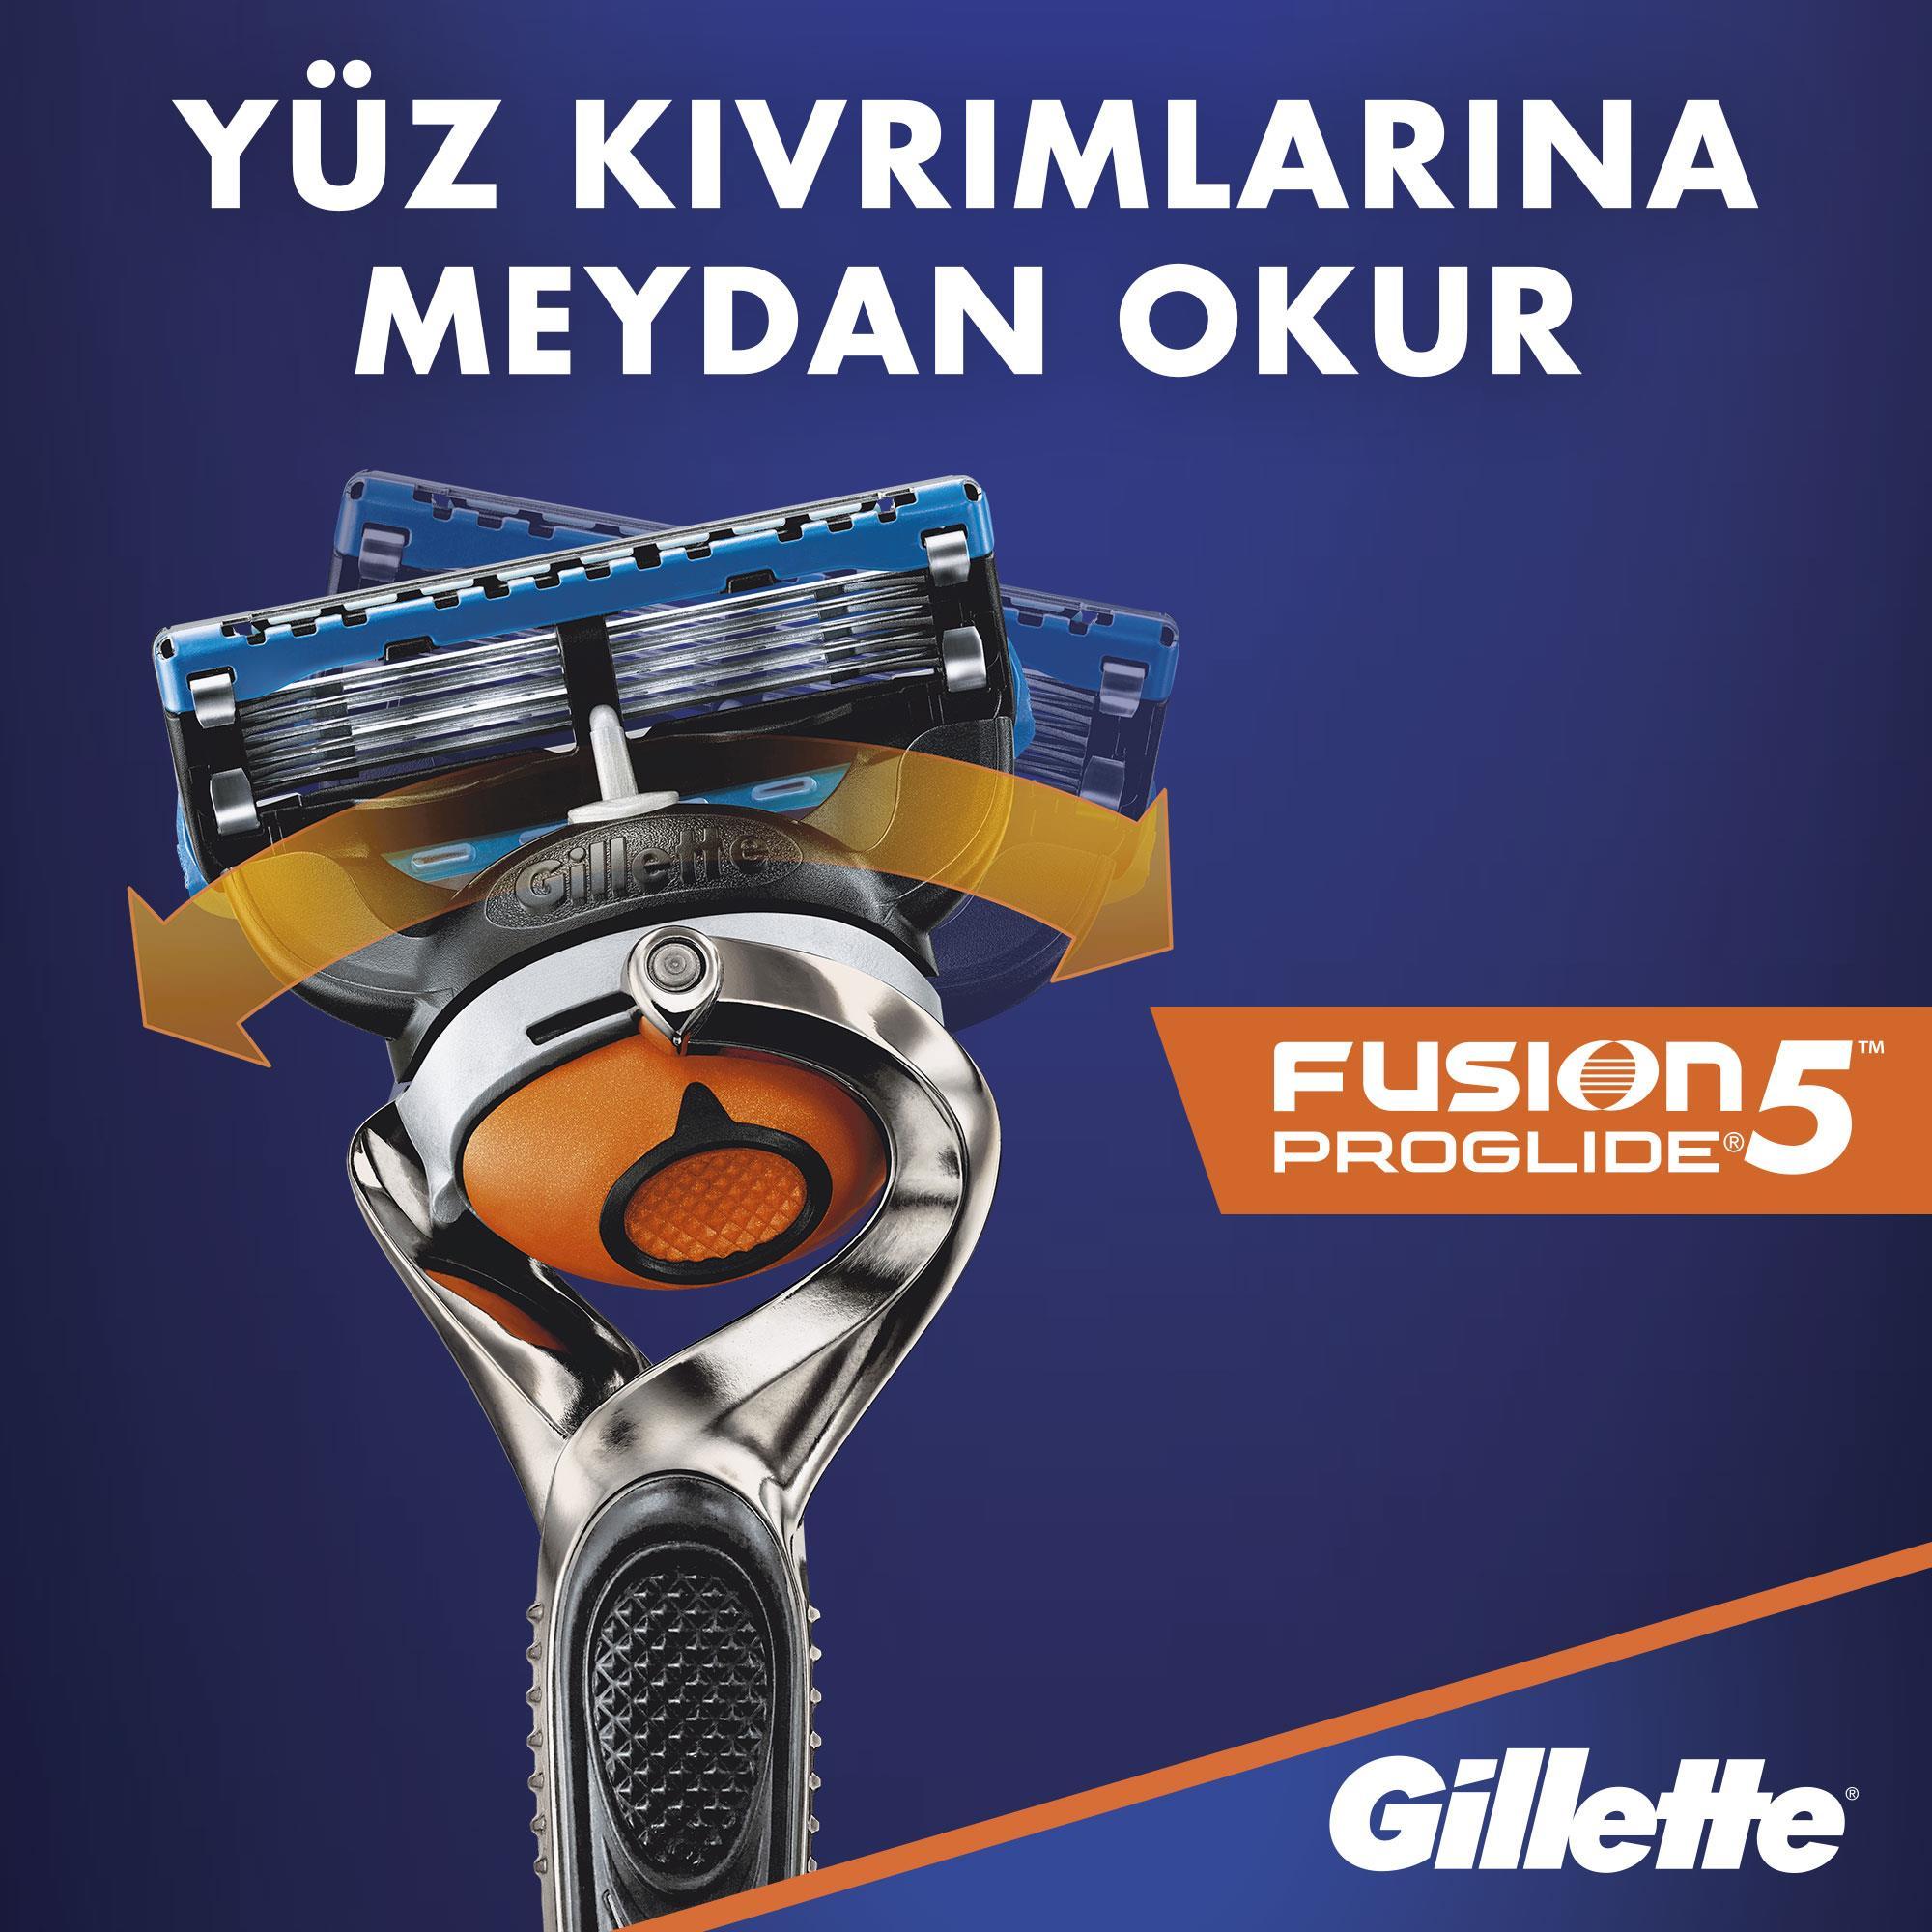 Fusion Proglide Power 4'lü Bıçak - Thumbnail